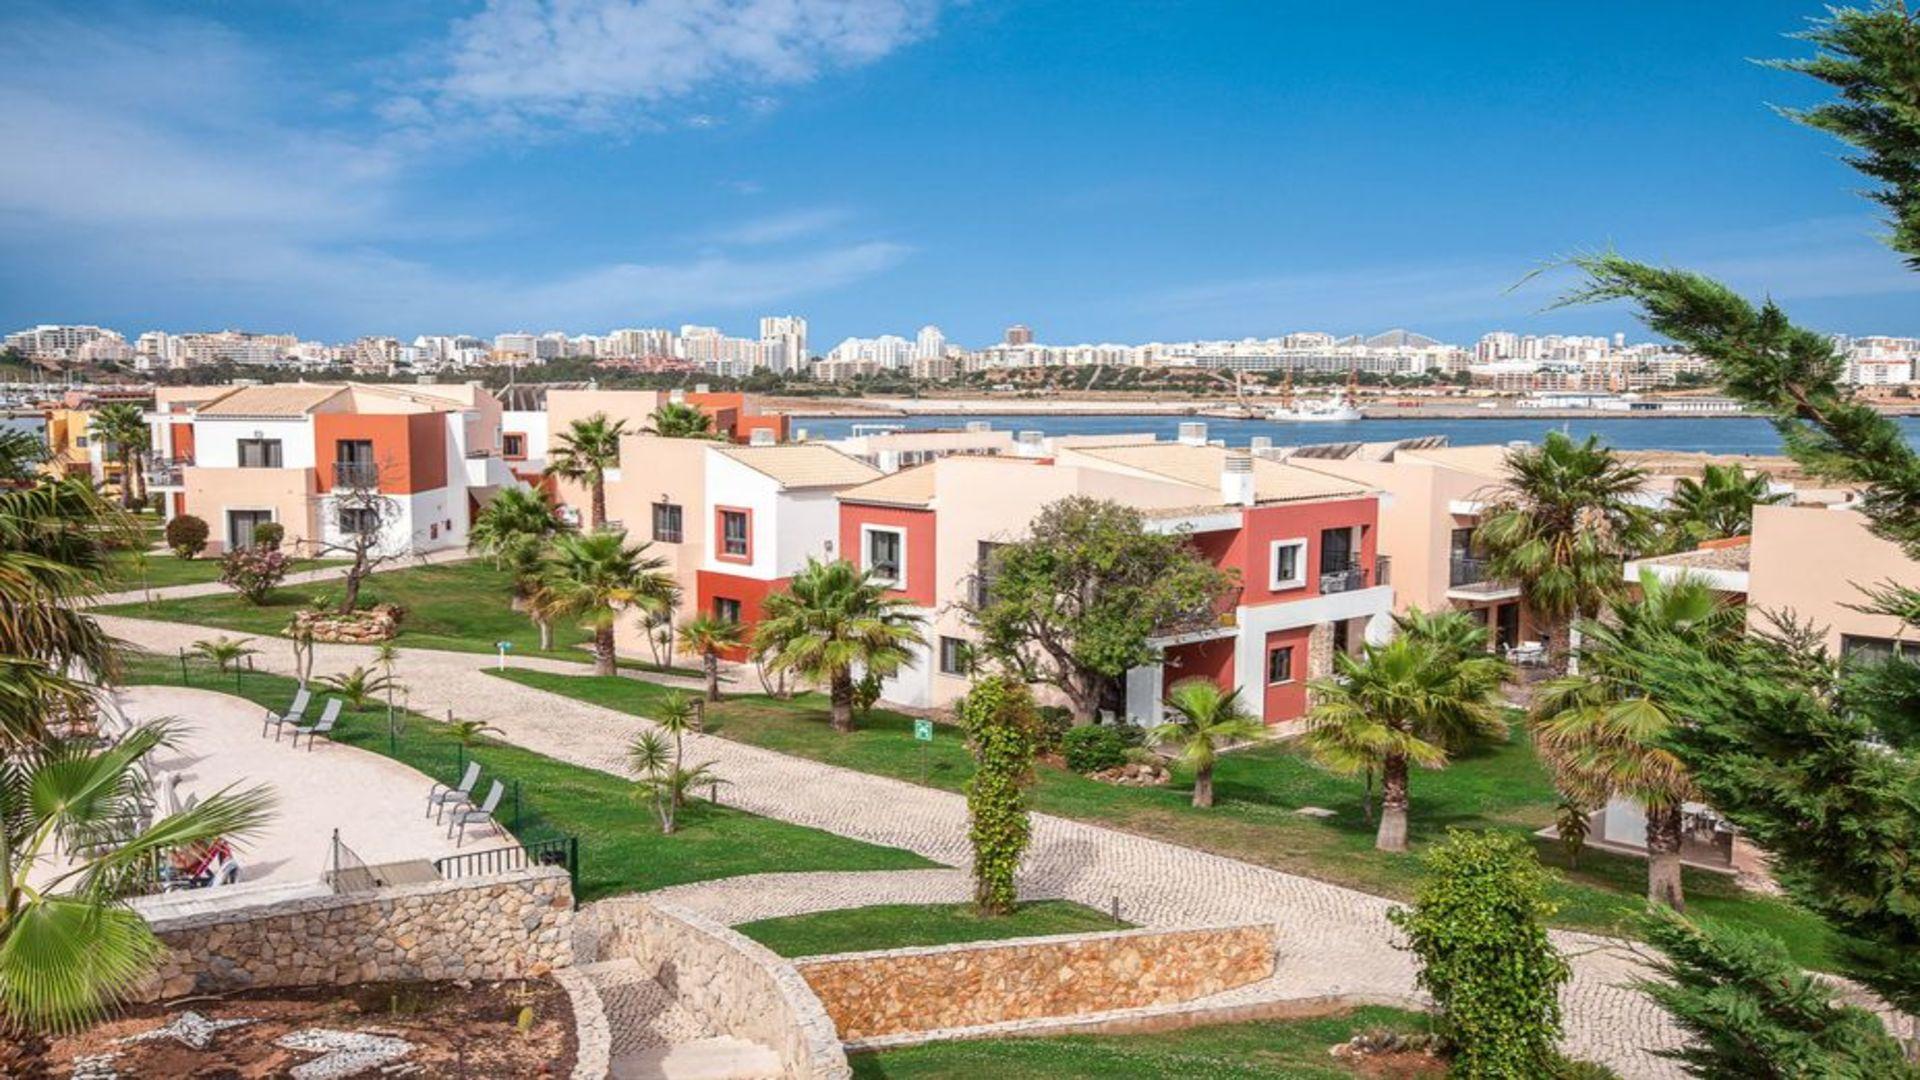 Vitor's Village, Ferragudo, Algarve, Portugal